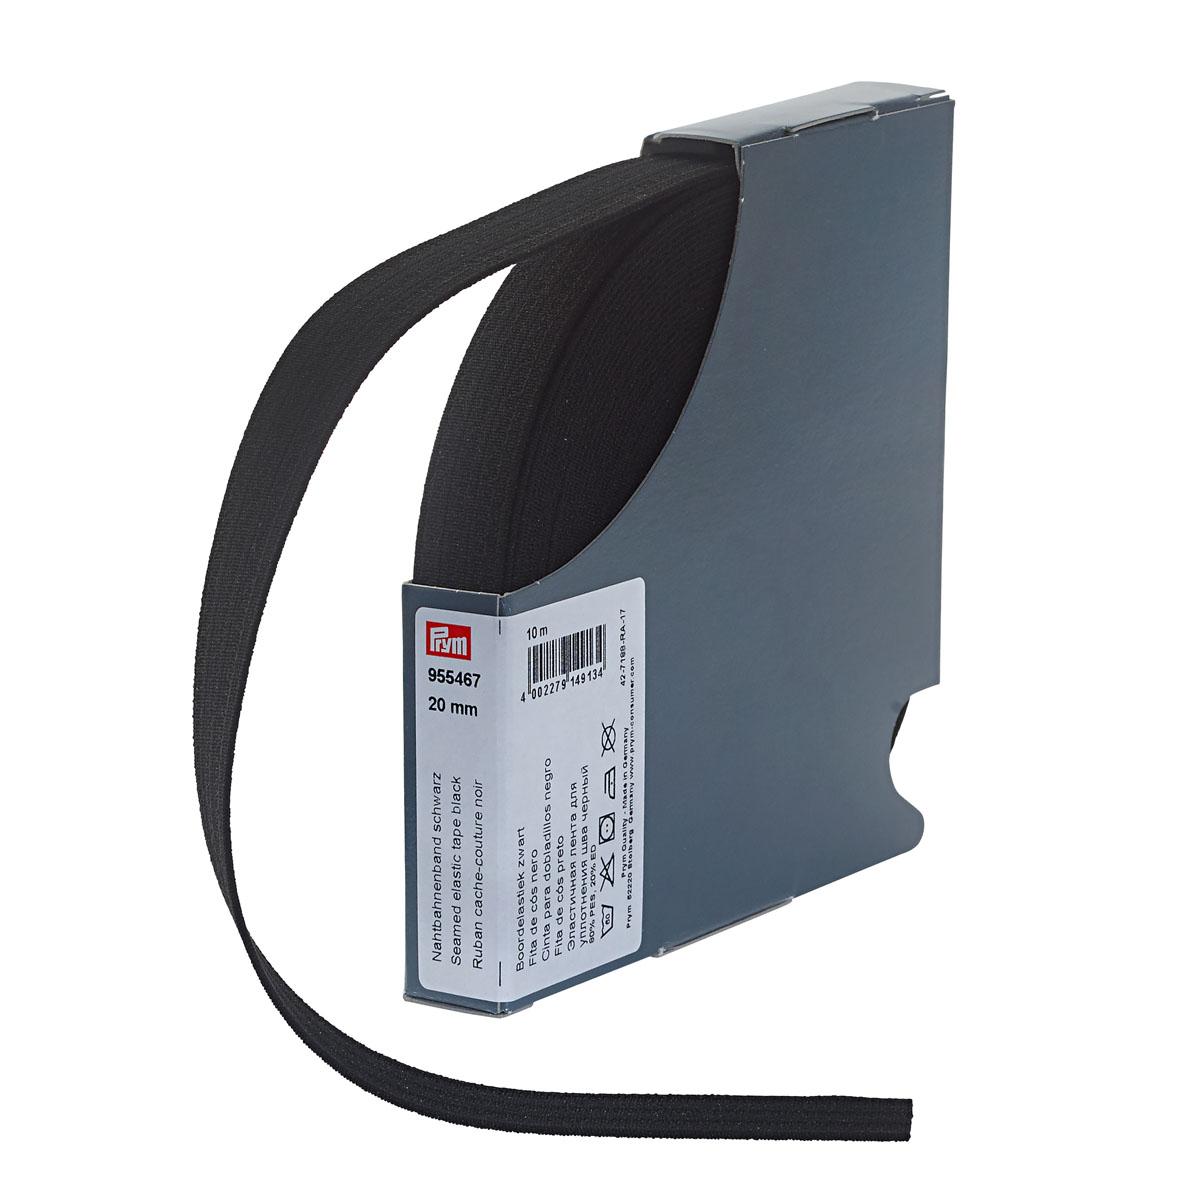 955467 Эластичная лента для уплотнения шва 20 мм 10 м черный цв. Prym